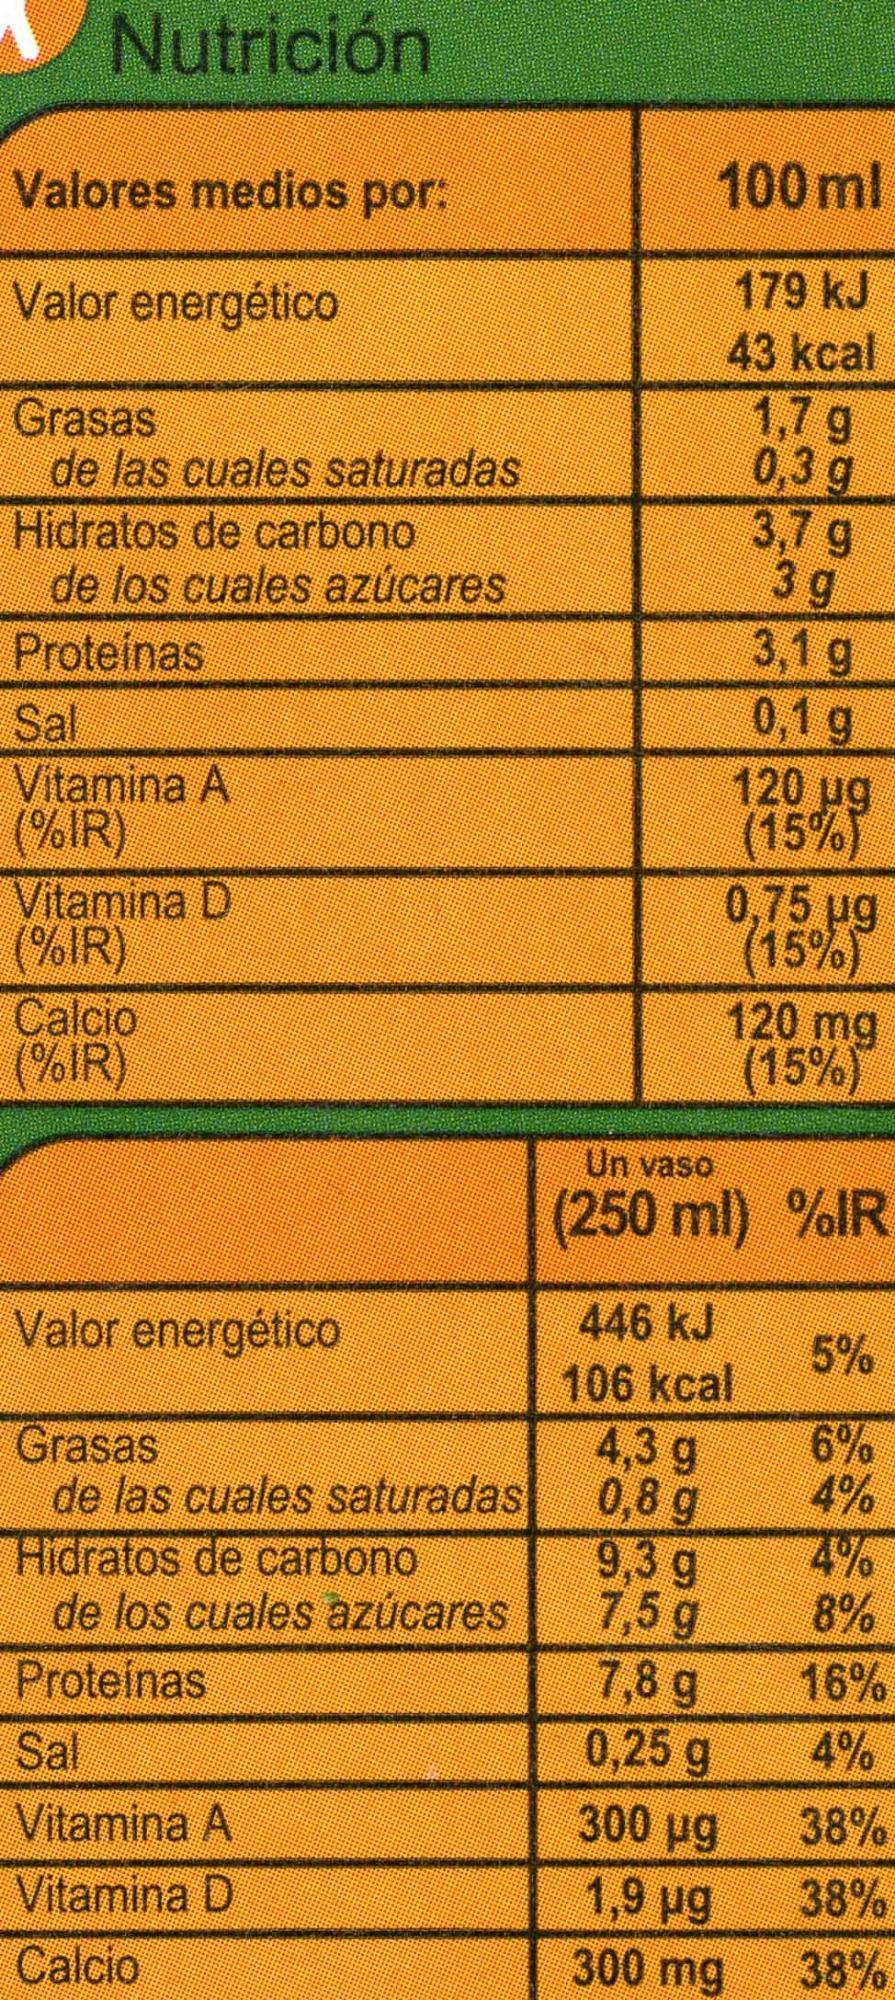 Soja calcio - Informació nutricional